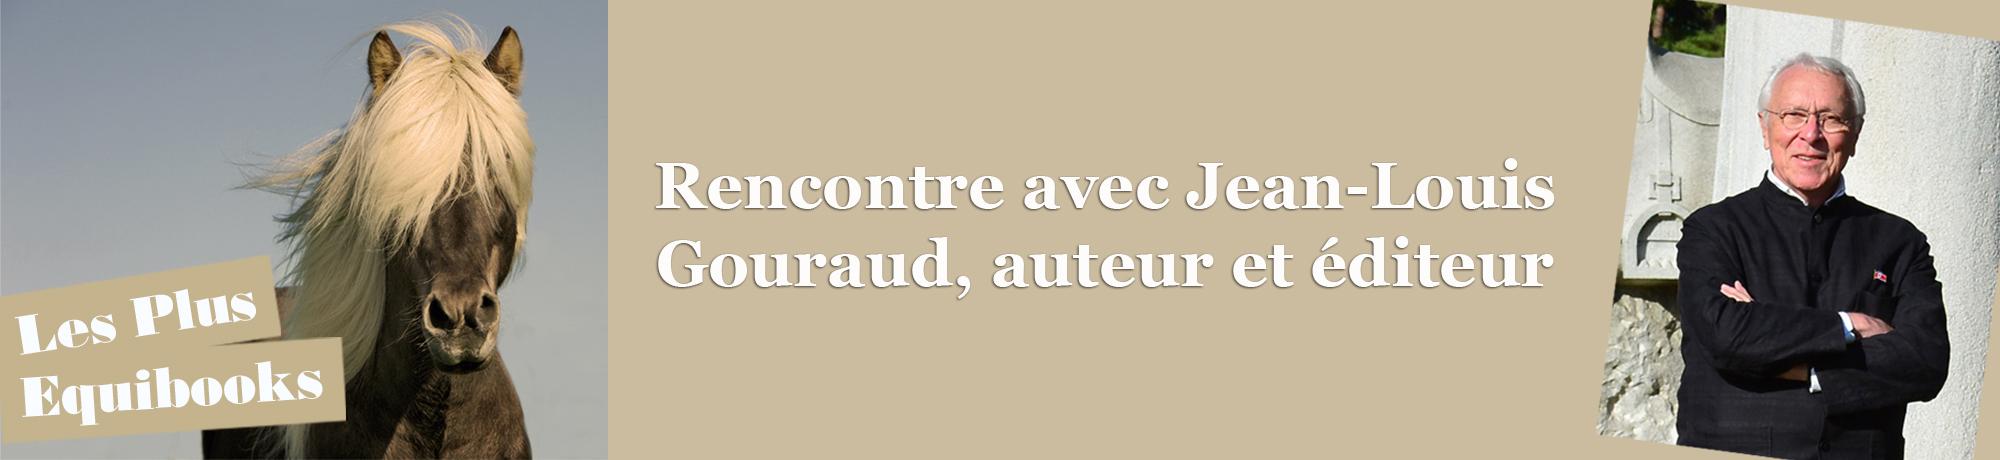 n°3 / Rencontre avec Jean-Louis Gouraud, auteur